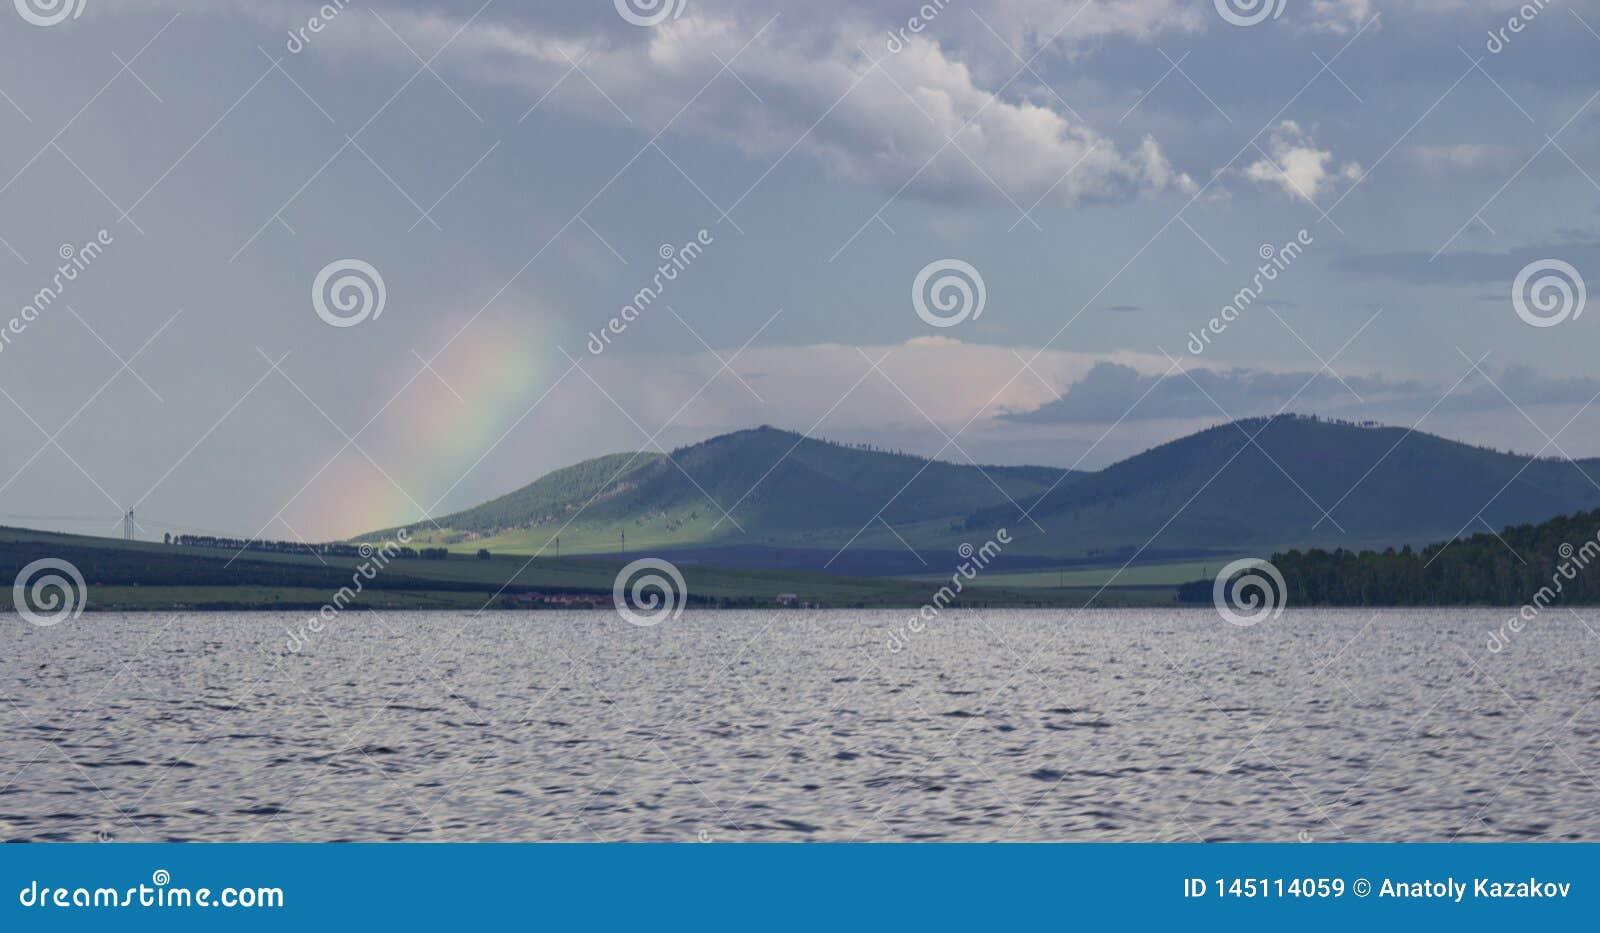 Μεγάλη λίμνη στη Σιβηρία